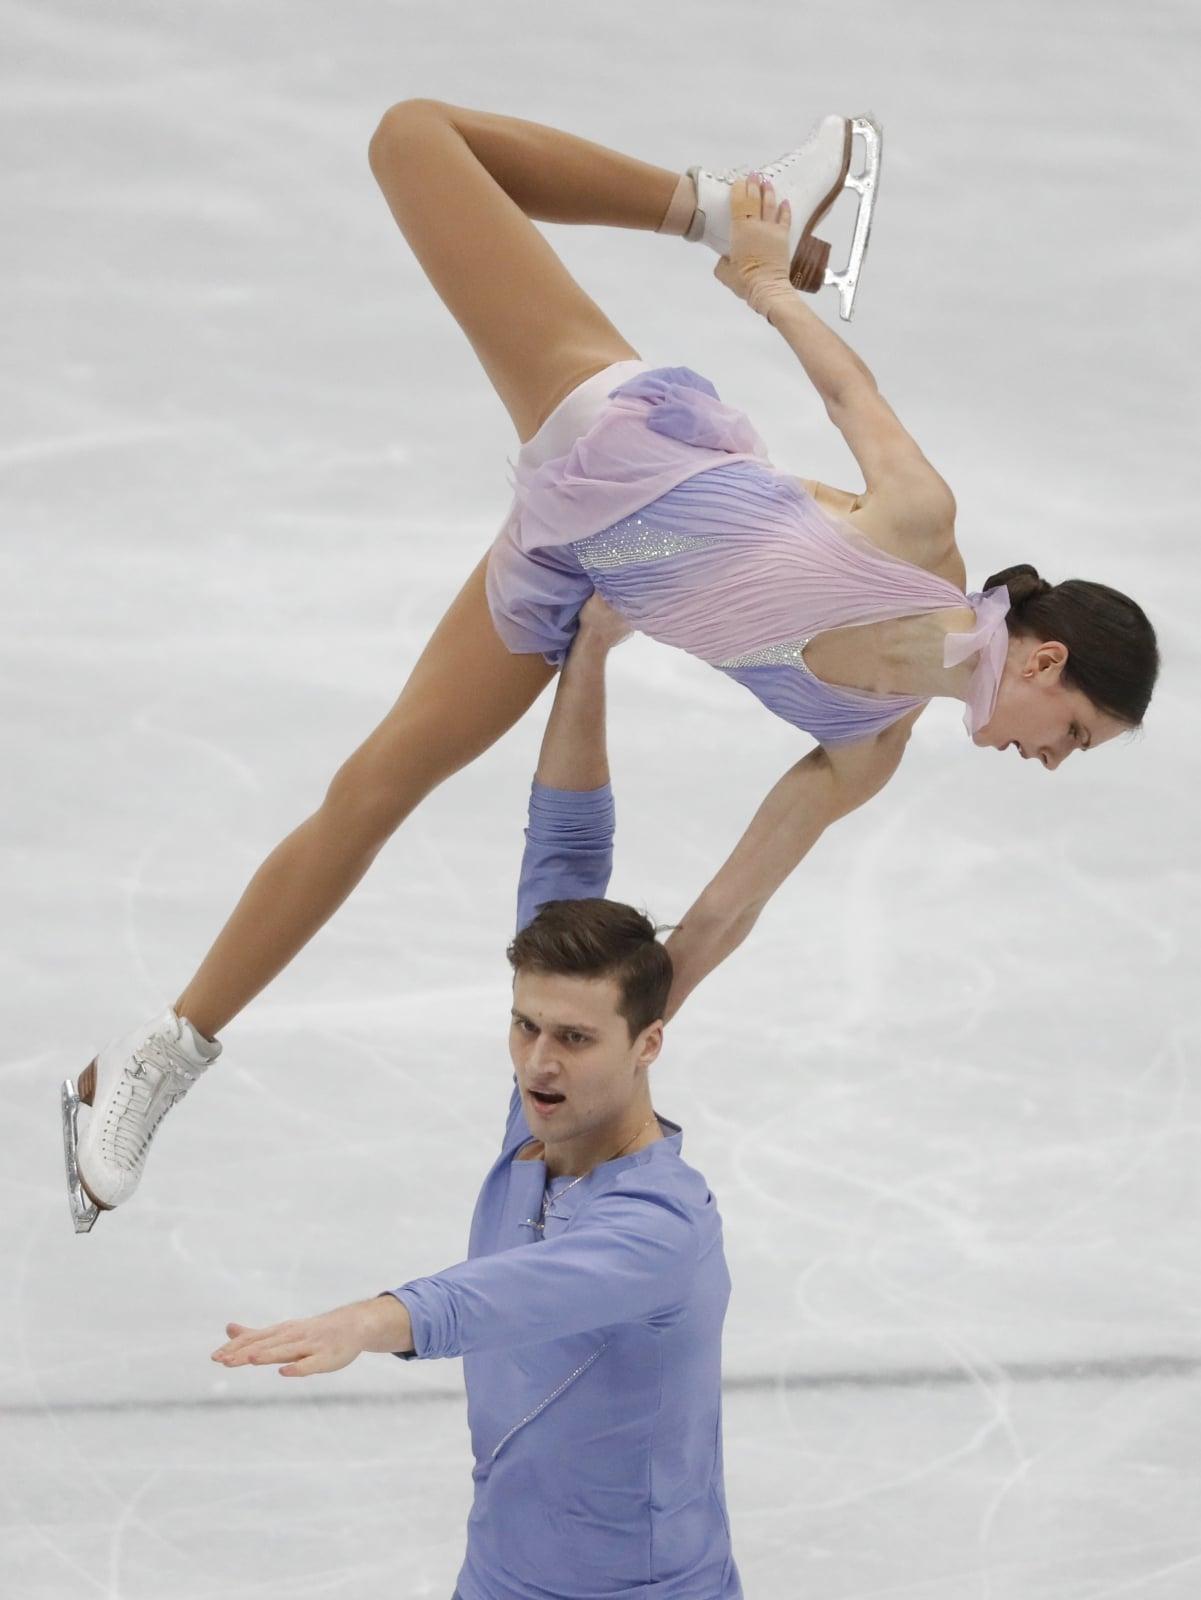 Mistrzostwa Europy w łyżwiarstwie figurowym w Moskwie, Rosja, fot.  EPA/YURI KOCHETKOV